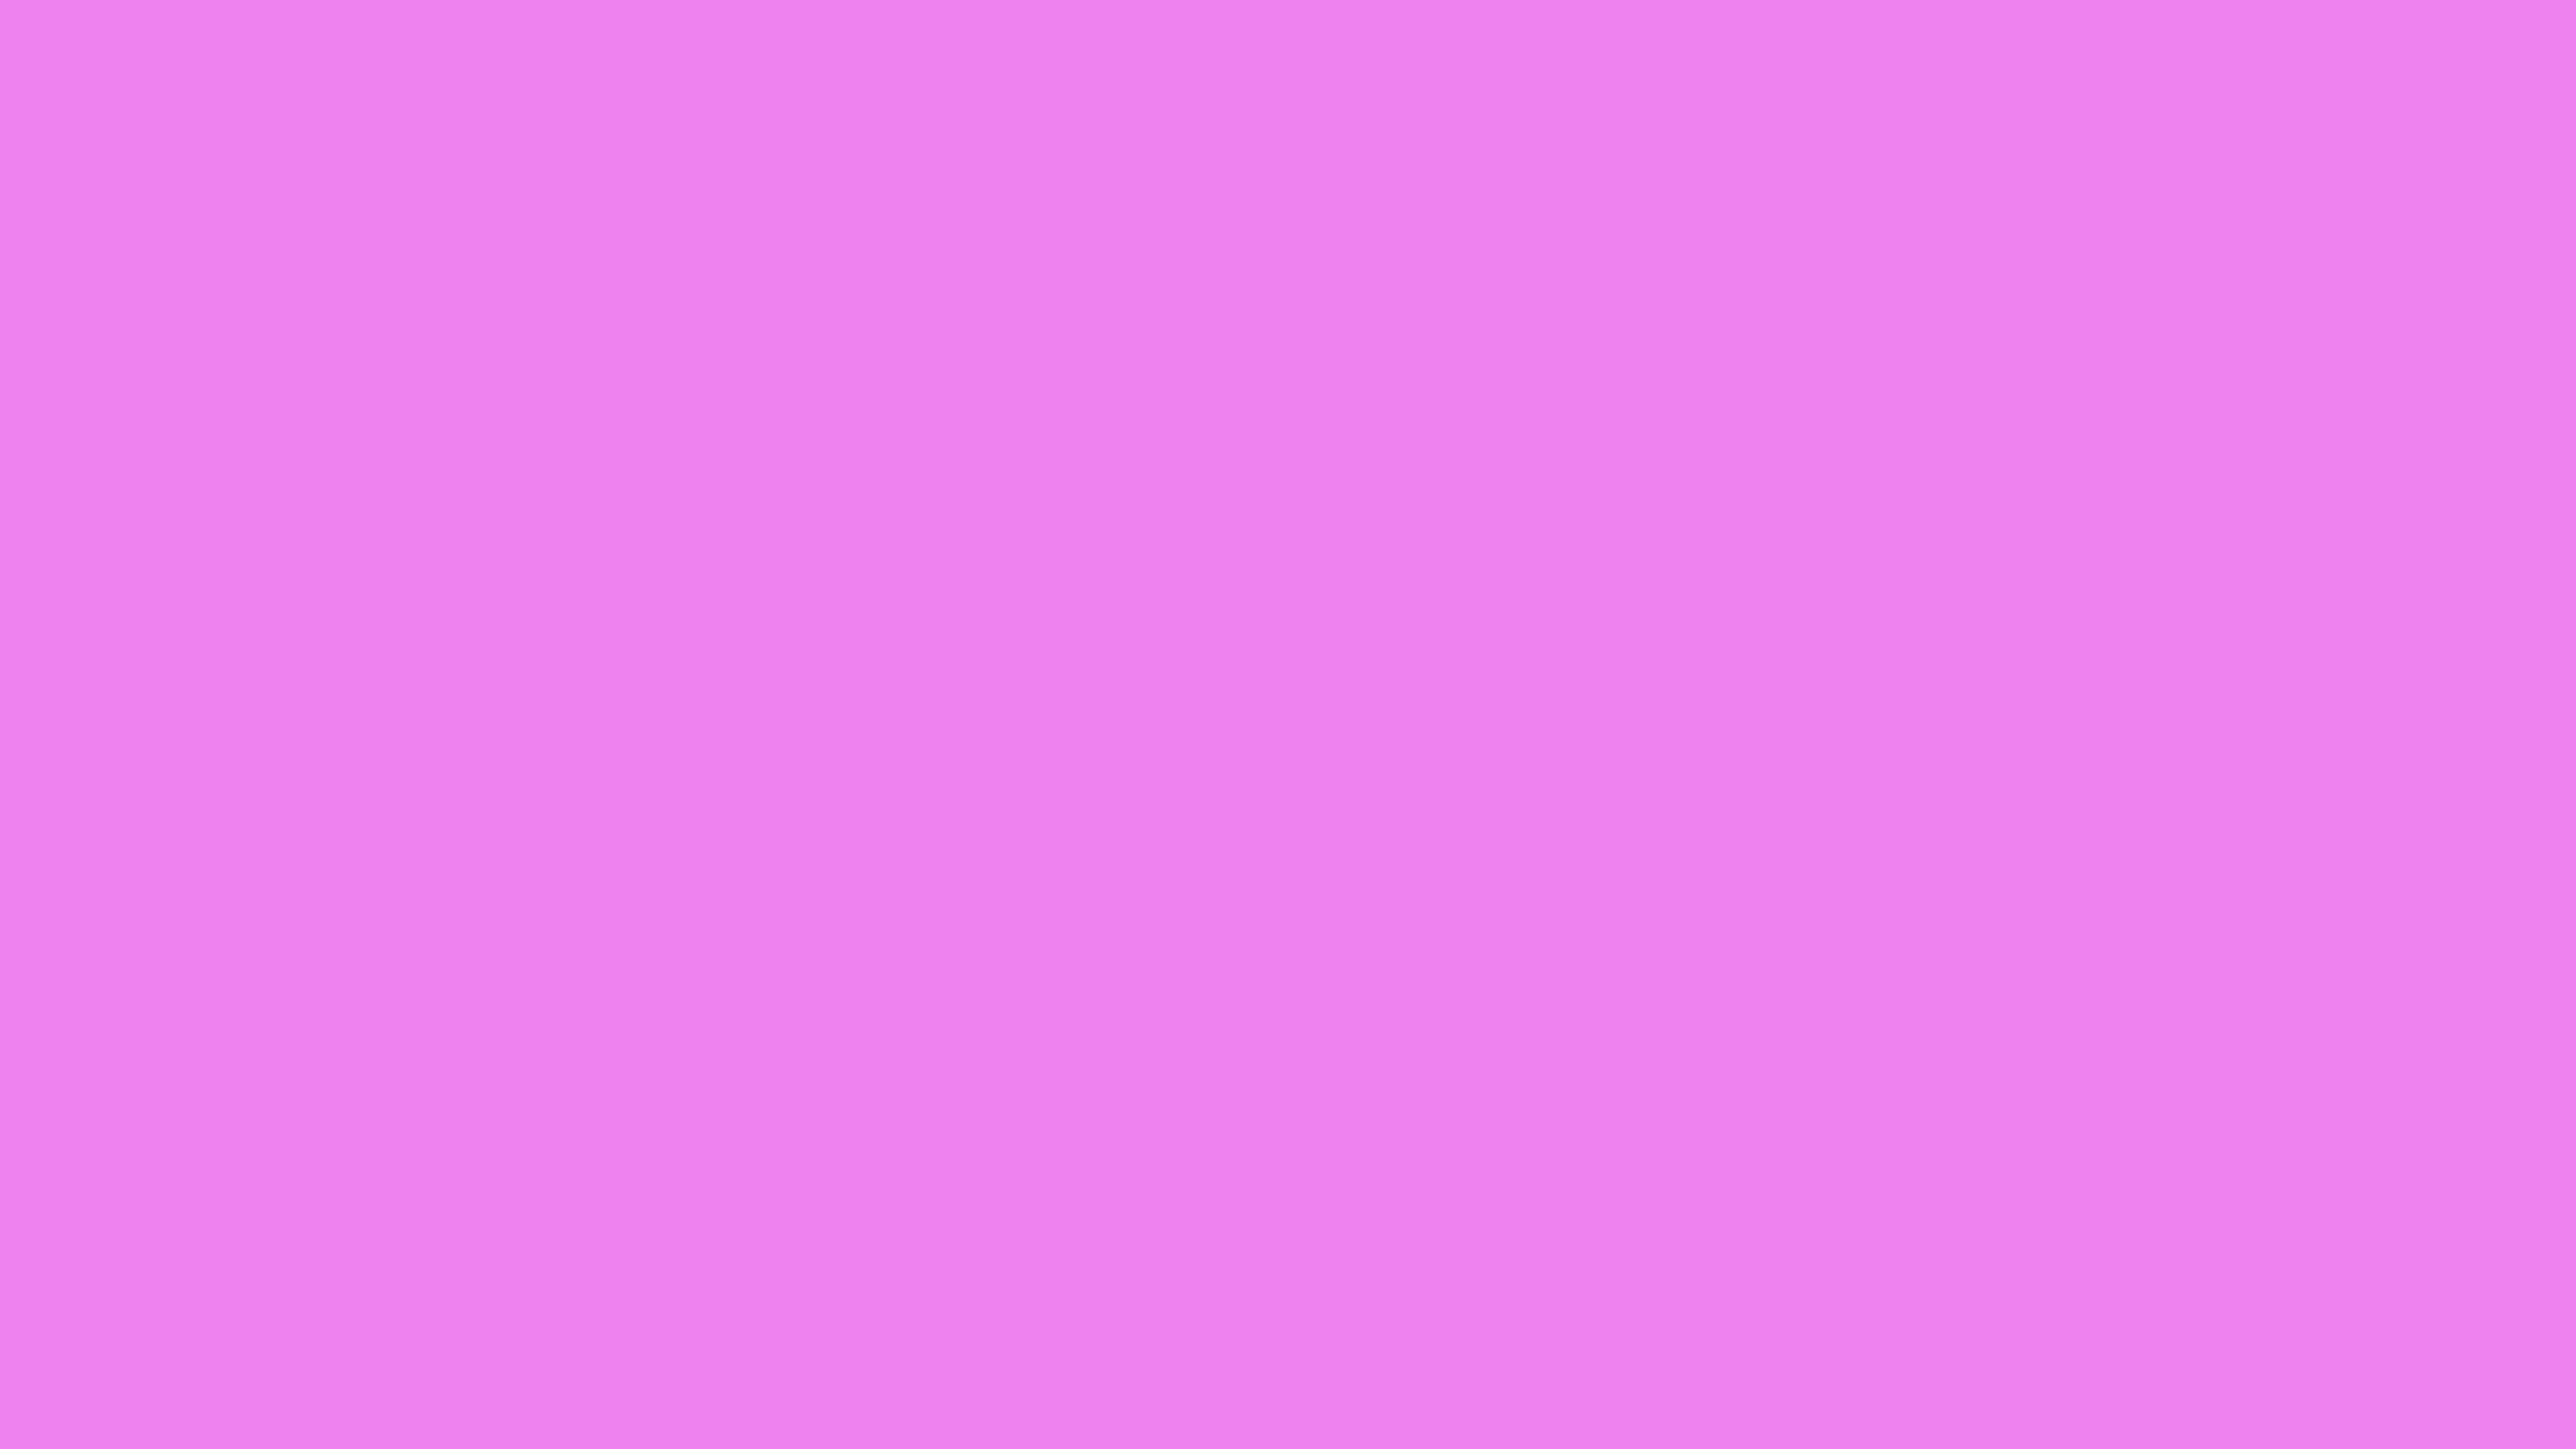 5120x2880 Violet Web Solid Color Background